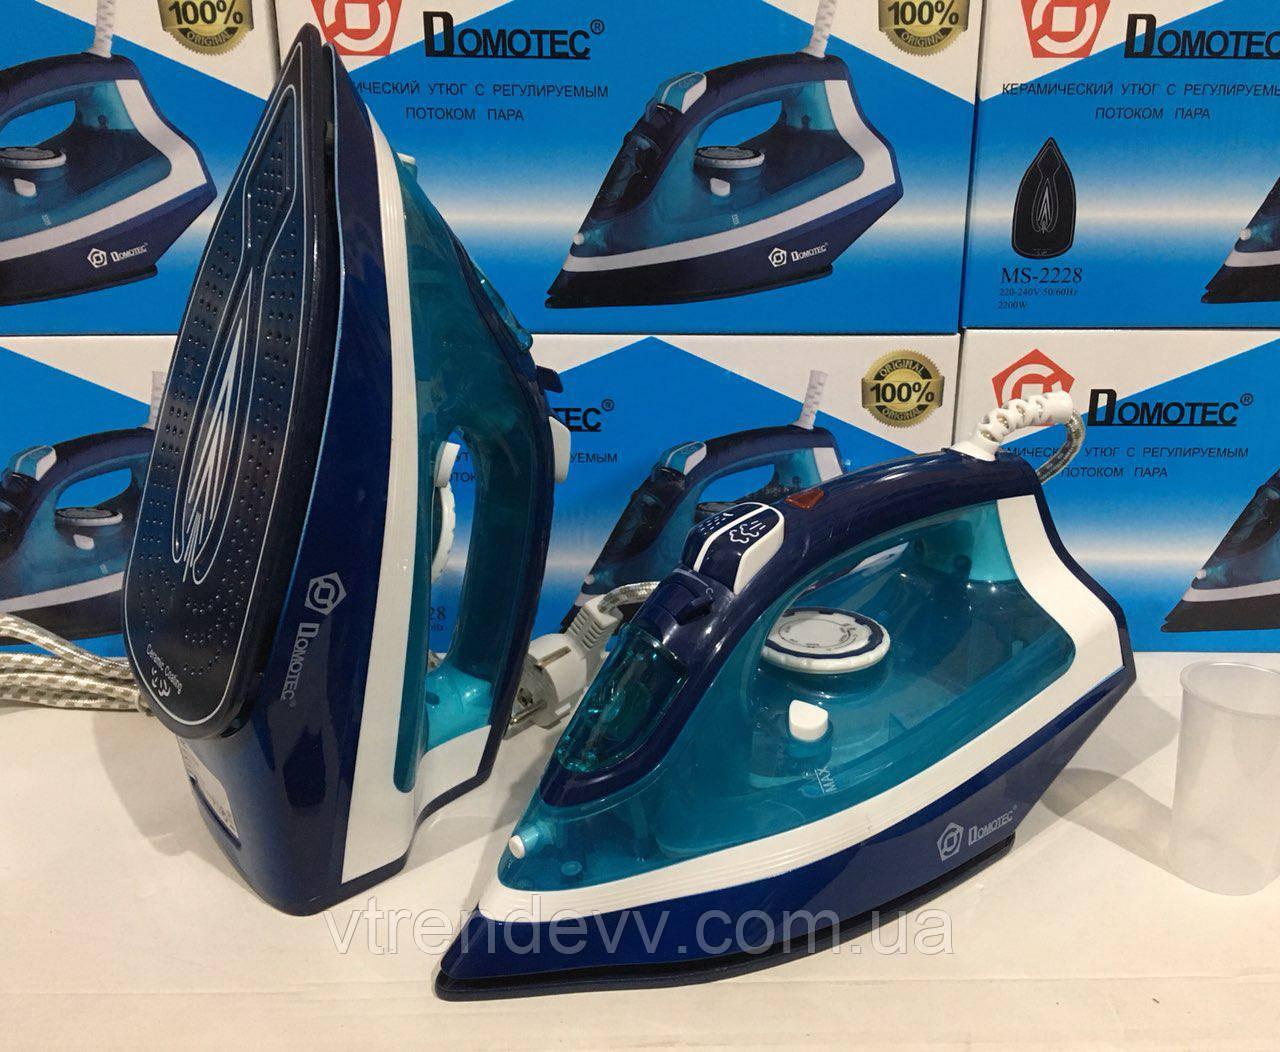 Утюг Domotec MS-2228 2200 W